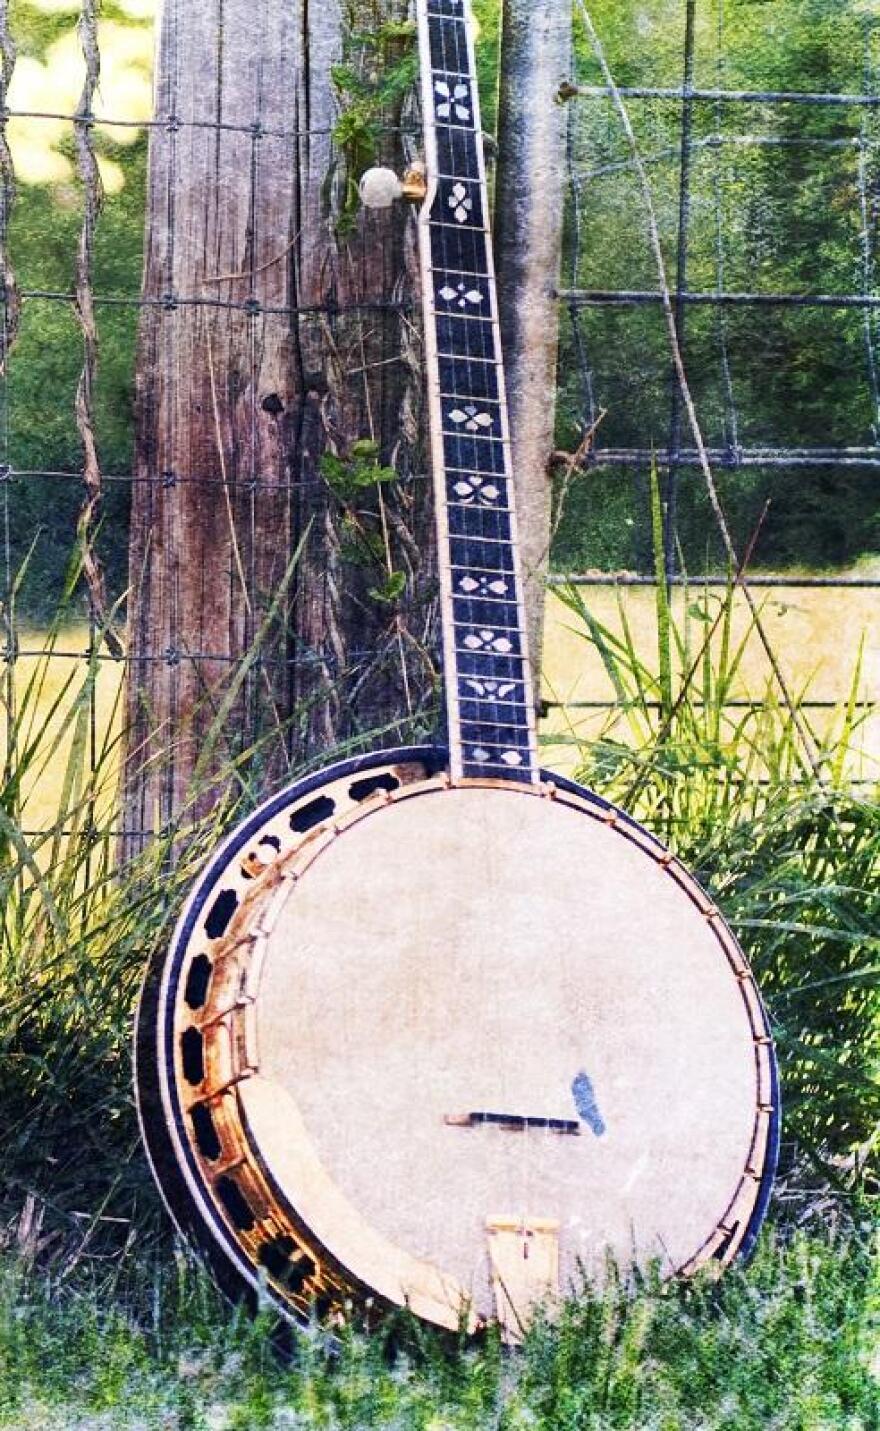 banjo-in-a-field-2.jpg